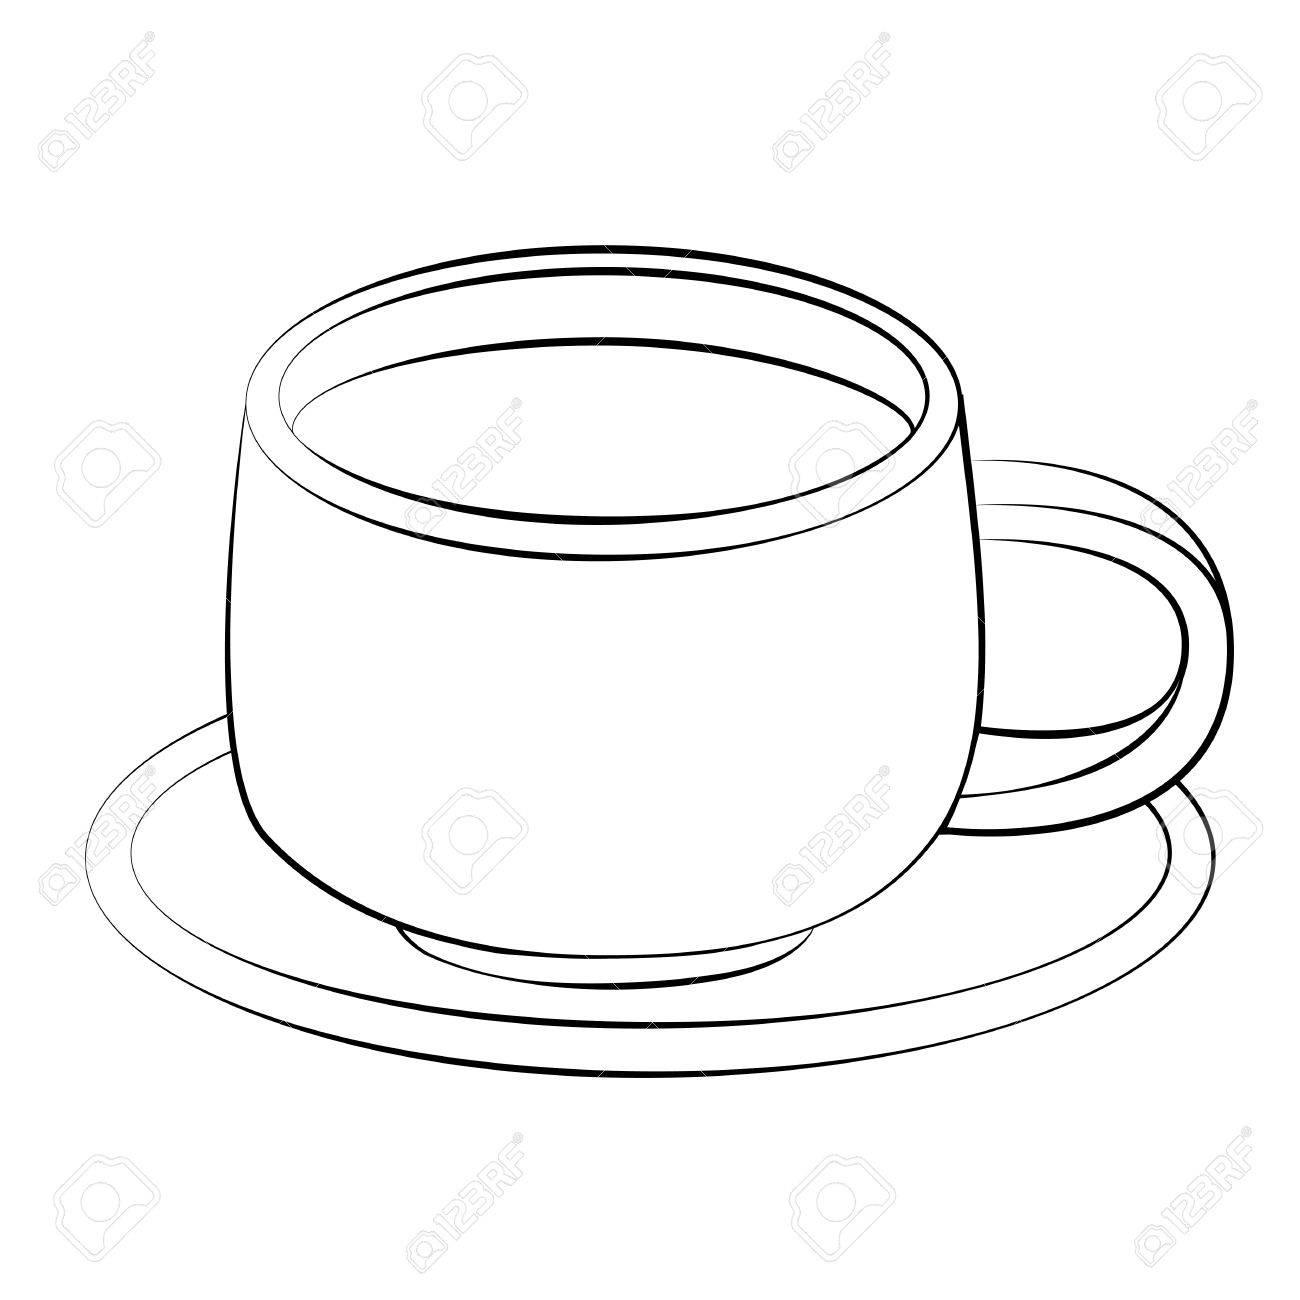 Tasse clipart  Contour Noir De Vecteur Tasse De Café Sur Fond Blanc. Clip Art ...